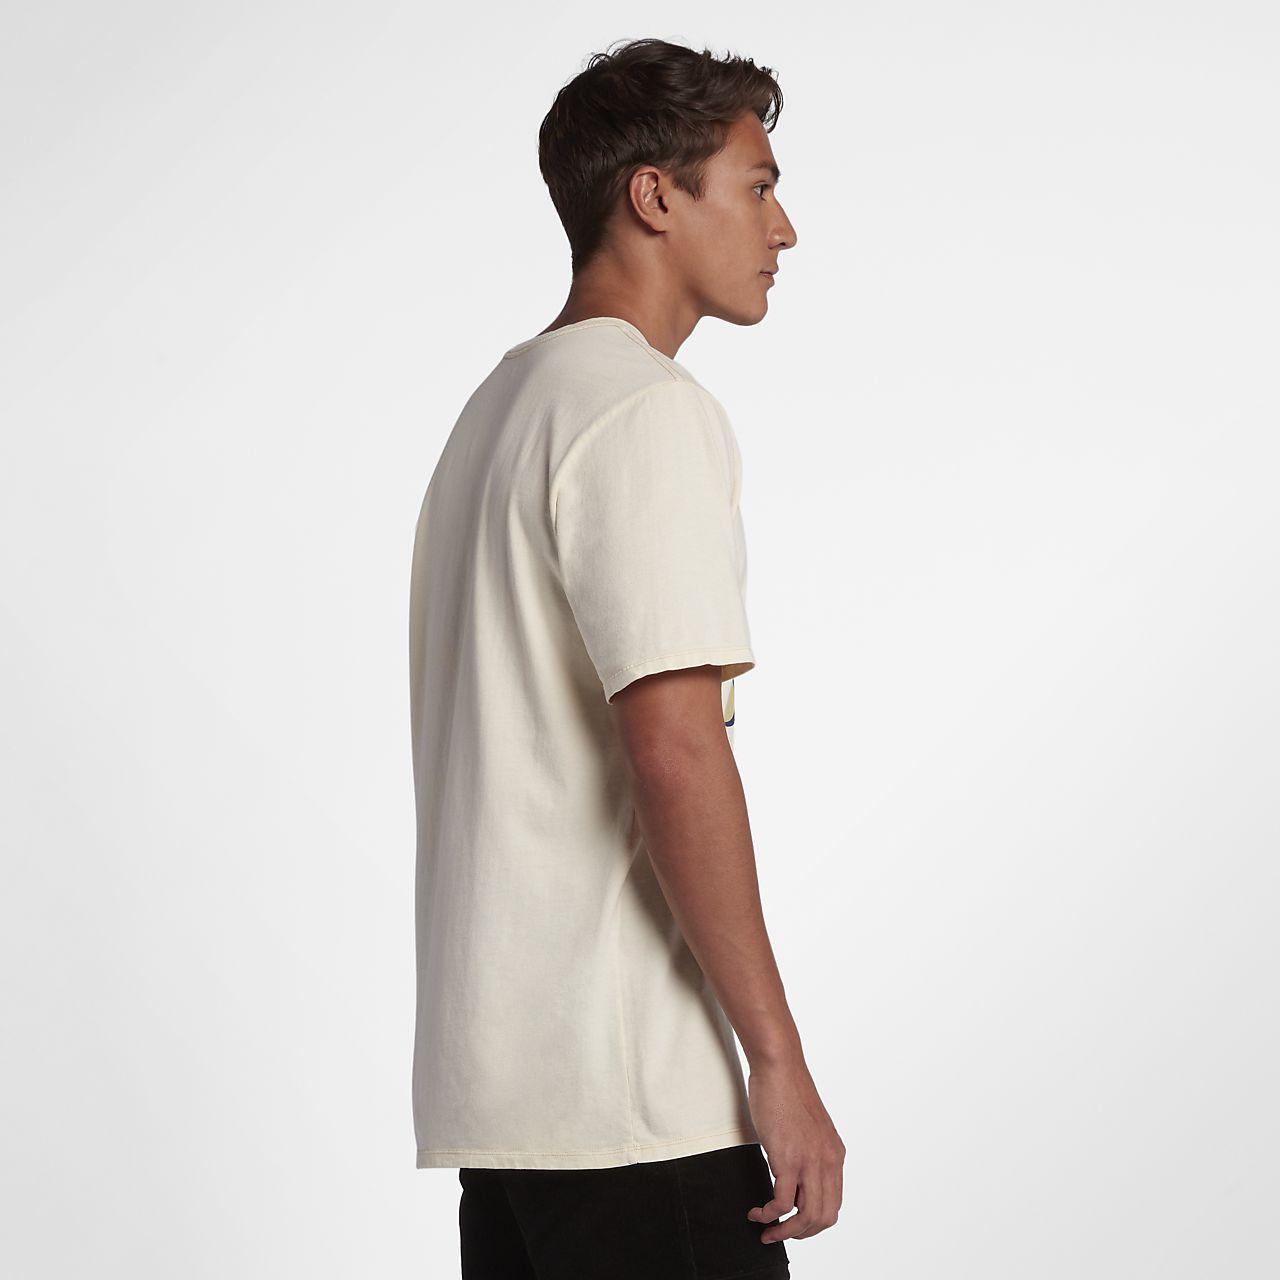 quality design 3aa14 0d9c2 ... T-shirt Hurley Bred To Shred för män